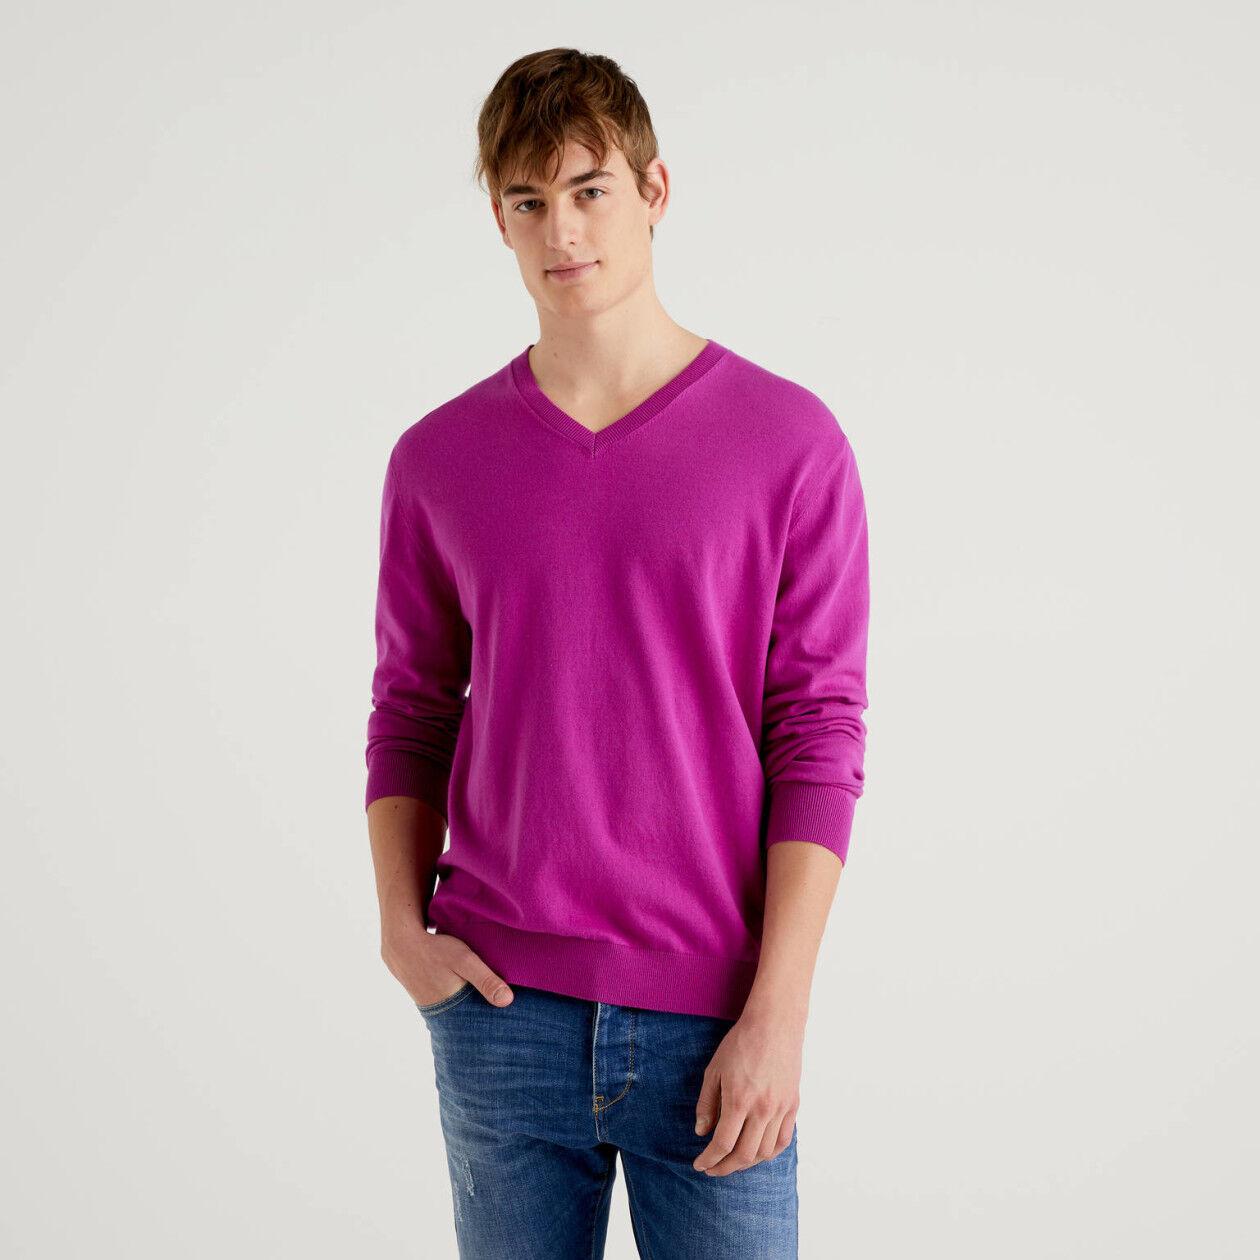 Jersey de algodón mixto con escote de pico